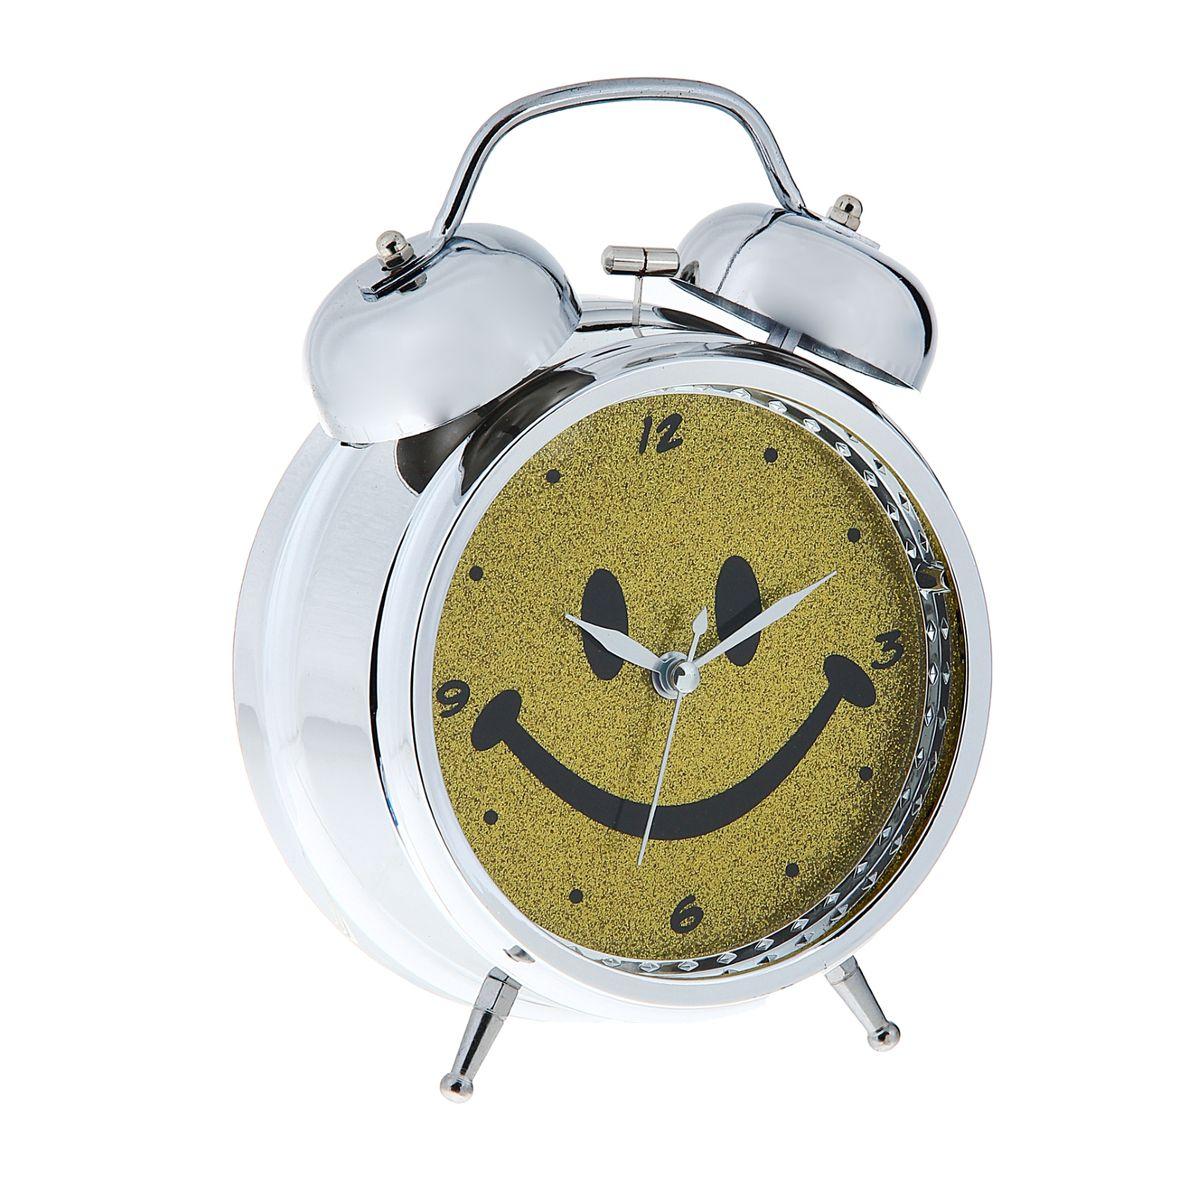 Часы-будильник Sima-land Смайл1056414Как же сложно иногда вставать вовремя! Всегда так хочется поспать еще хотя бы 5 минут и бывает, что мы просыпаем. Теперь этого не случится! Яркий, оригинальный будильник Sima-land Смайл поможет вам всегда вставать в нужное время и успевать везде и всюду.Корпус будильника выполнен из металла. Циферблат оформлен изображением смайла, имеет индикацию отметок с арабскими цифрами. Часы снабжены 4 стрелками (секундная, минутная, часовая и для будильника). На задней панели будильника расположен переключатель включения/выключения механизма, а также два колесика для настройки текущего времени и времени звонка будильника. Также будильник оснащен кнопкой, при нажатии и удержании которой подсвечивается циферблат.Пользоваться будильником очень легко: нужно всего лишь поставить батарейки, настроить точное время и установить время звонка. Необходимо докупить 3 батарейки типа АА (не входят в комплект).